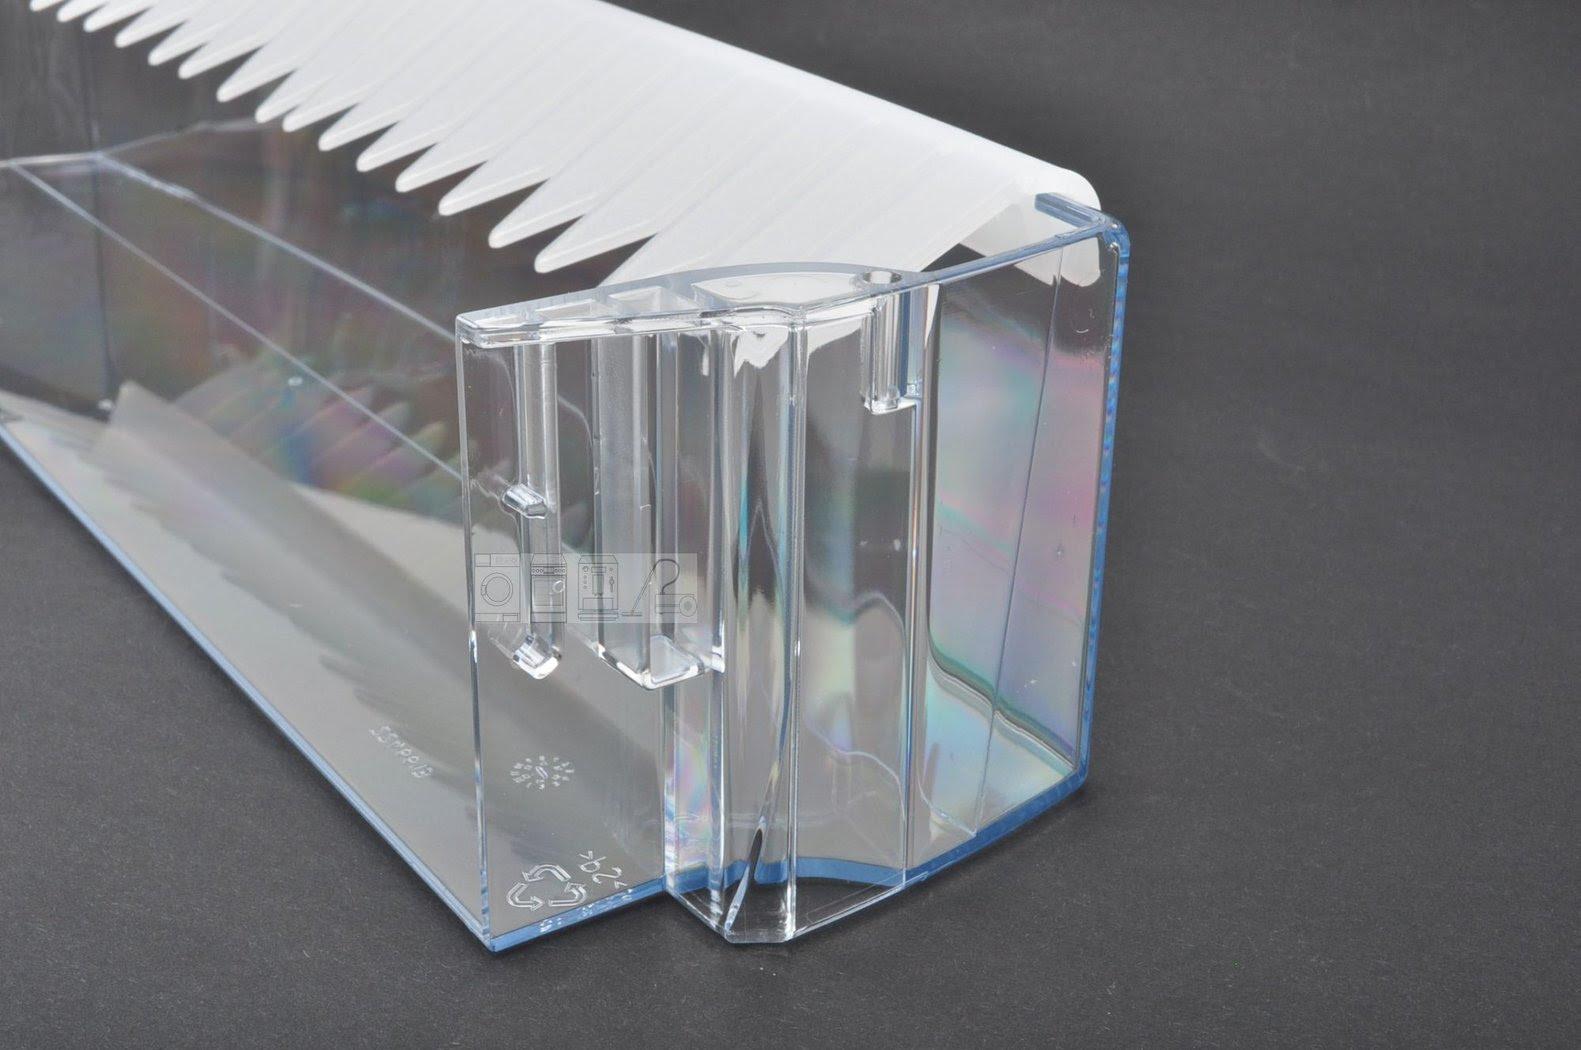 Kühlschrank Zubehör Glasplatte : Ersatzteile privileg kühlschrank flaschenfach sandra bowyer